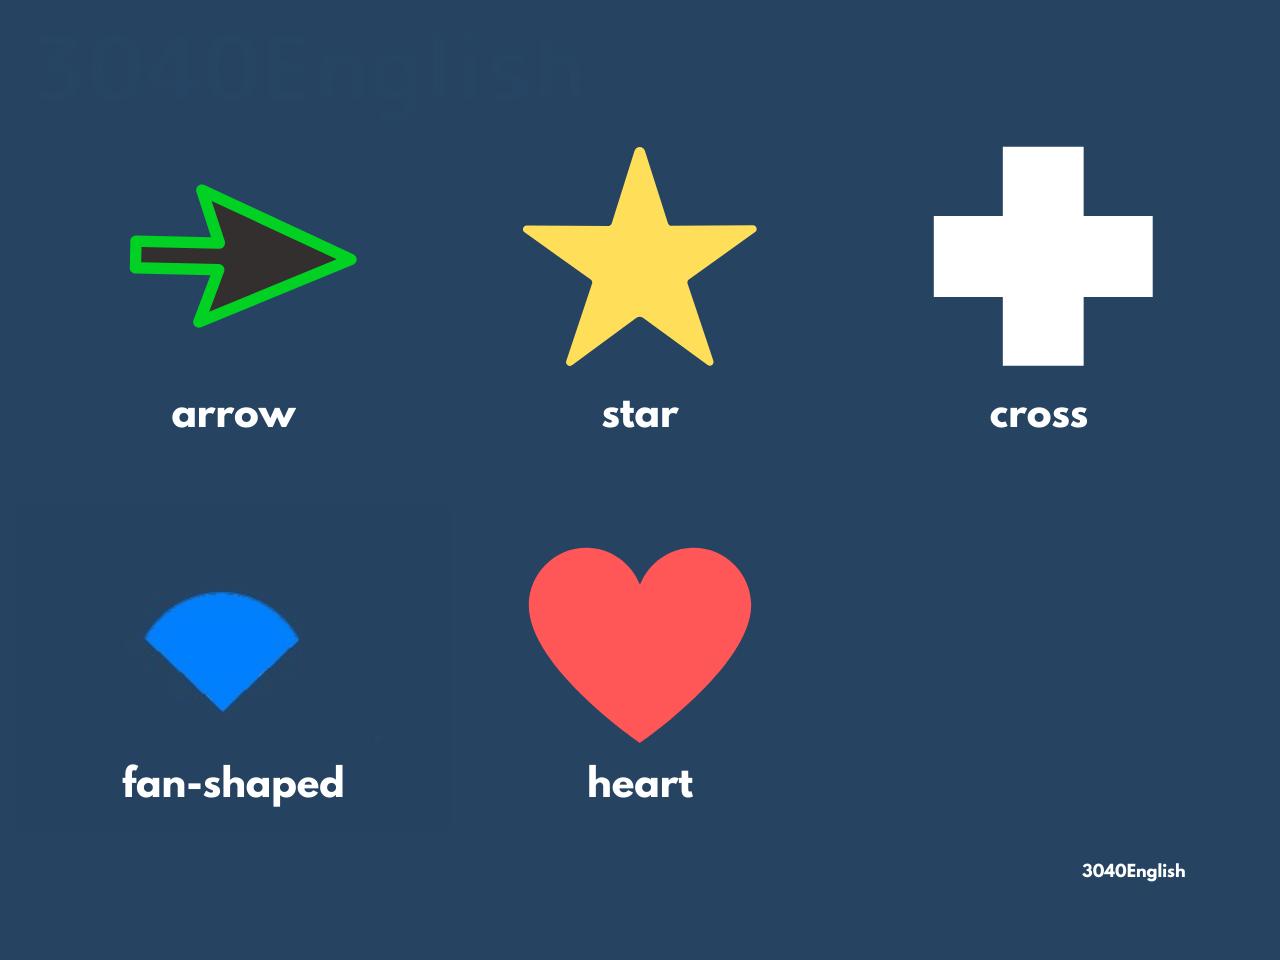 矢印・星形・十字型・おうぎ形・ハート形の英語表現